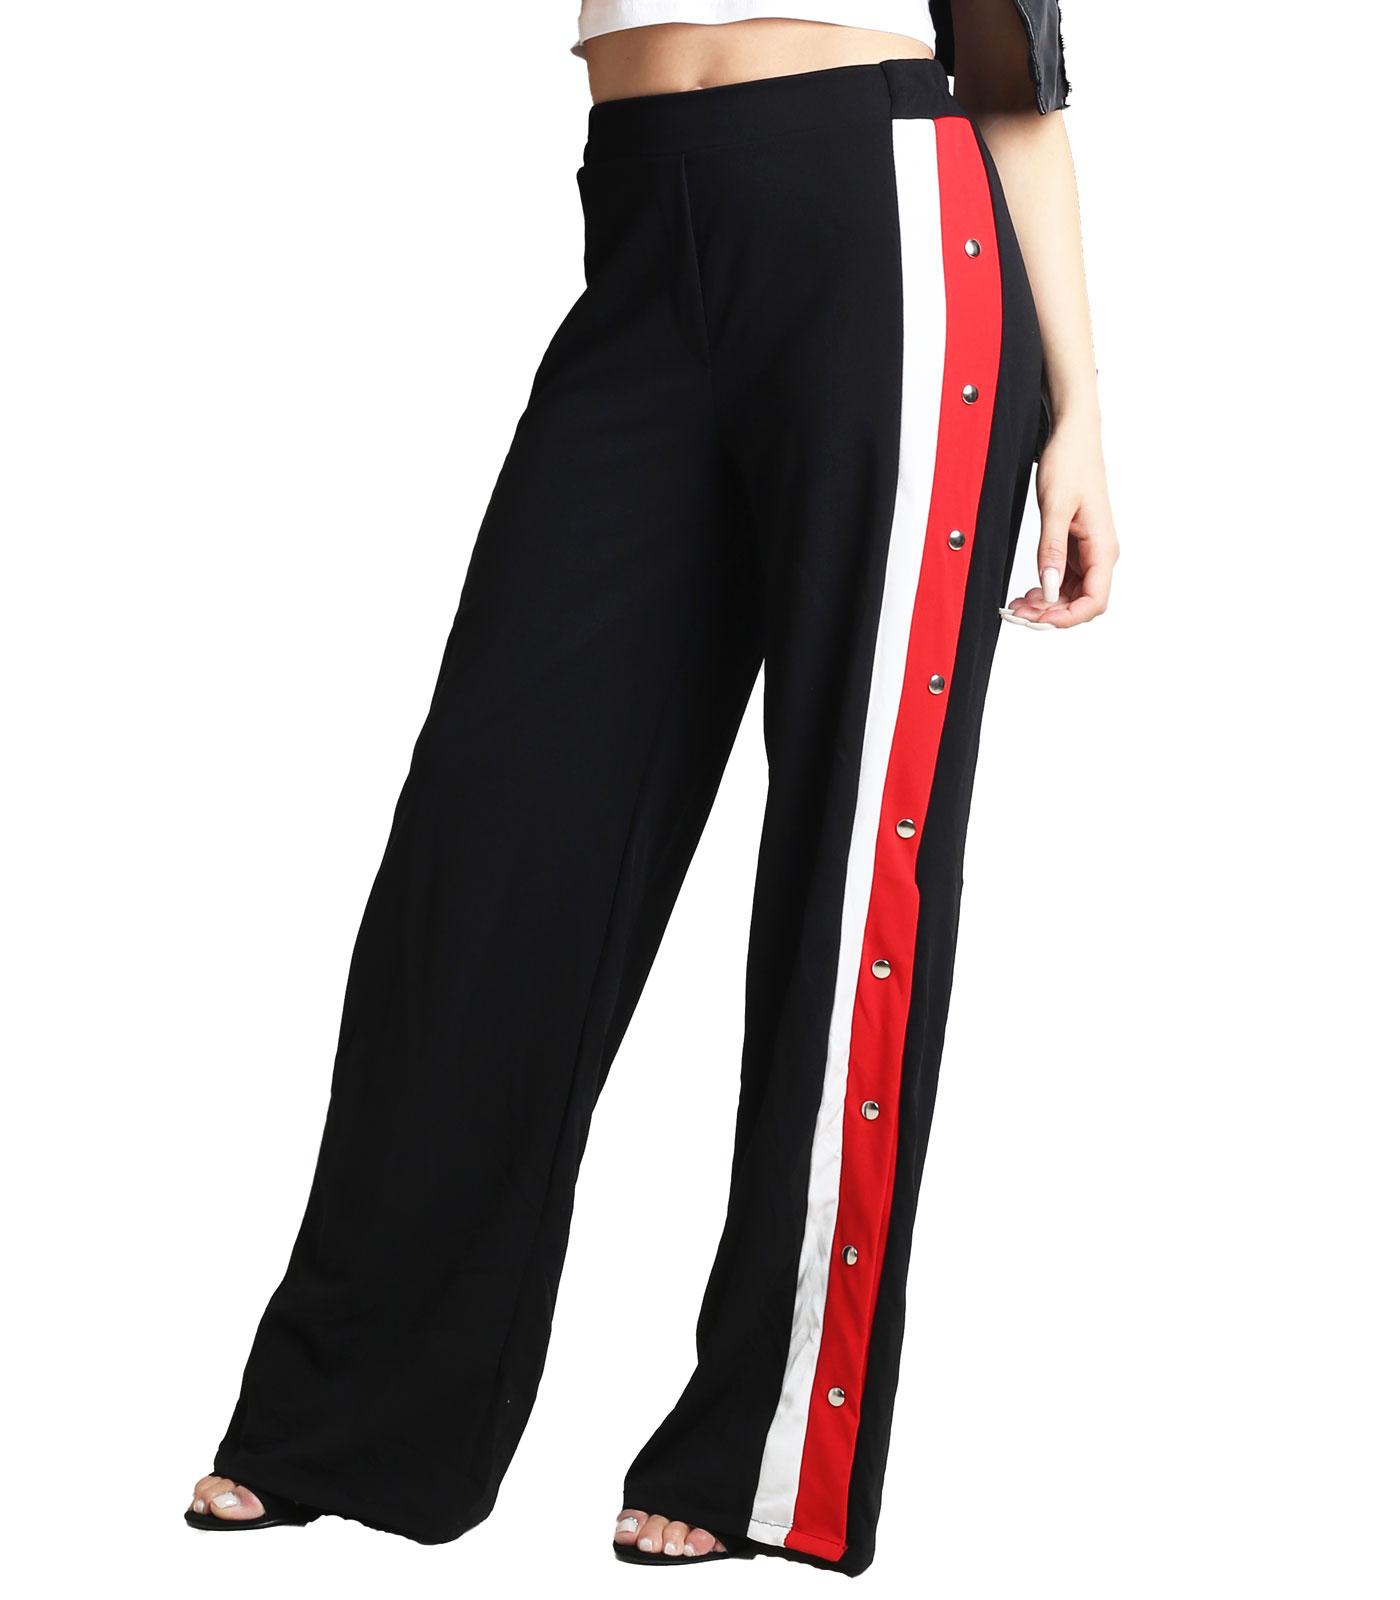 Ψηλόμεσο παντελόνι με ρίγες στο πλάι και κουμπιά  Μαύρο 95  POLYESTER 5 ELASTICO